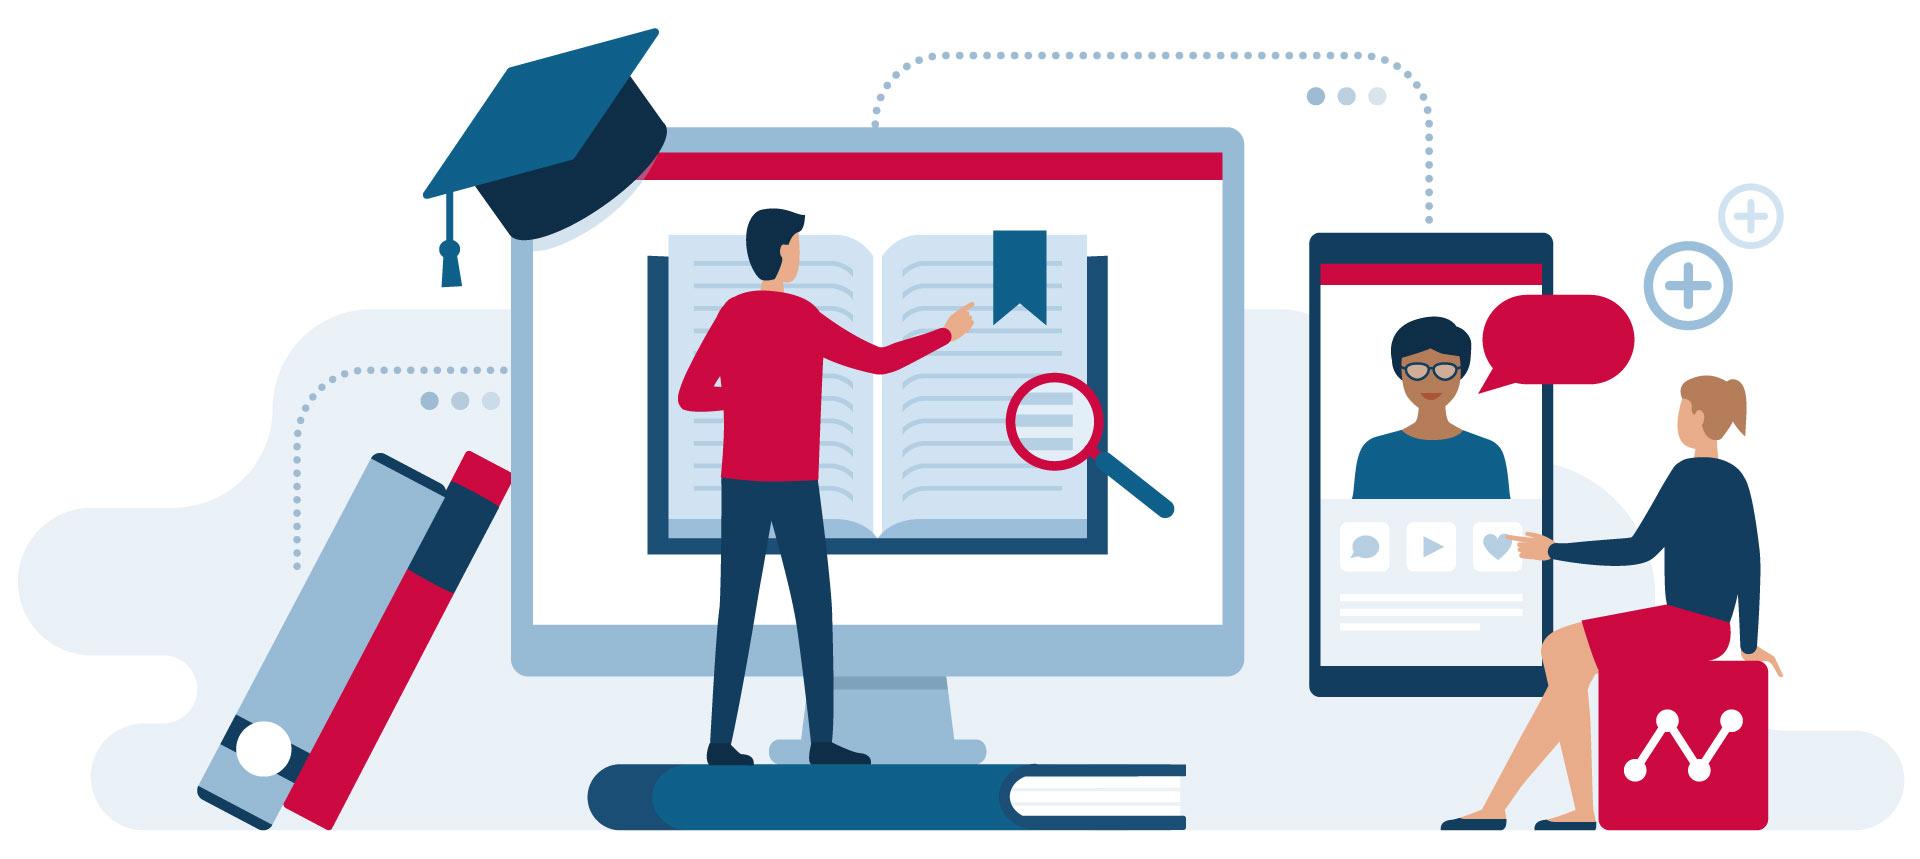 """Mit digi.skills werden digitale Kompetenzen rund um digitales Unterrichten, Lernen, Arbeiten und Zusammenarbeiten gefördert und gestärkt. Lehrer*innen, in weiterer Folge auch Schüler*innen und Eltern werden dabei unterstützt, sich für das Vorhaben """"Digitale Schule"""" fit zu machen."""